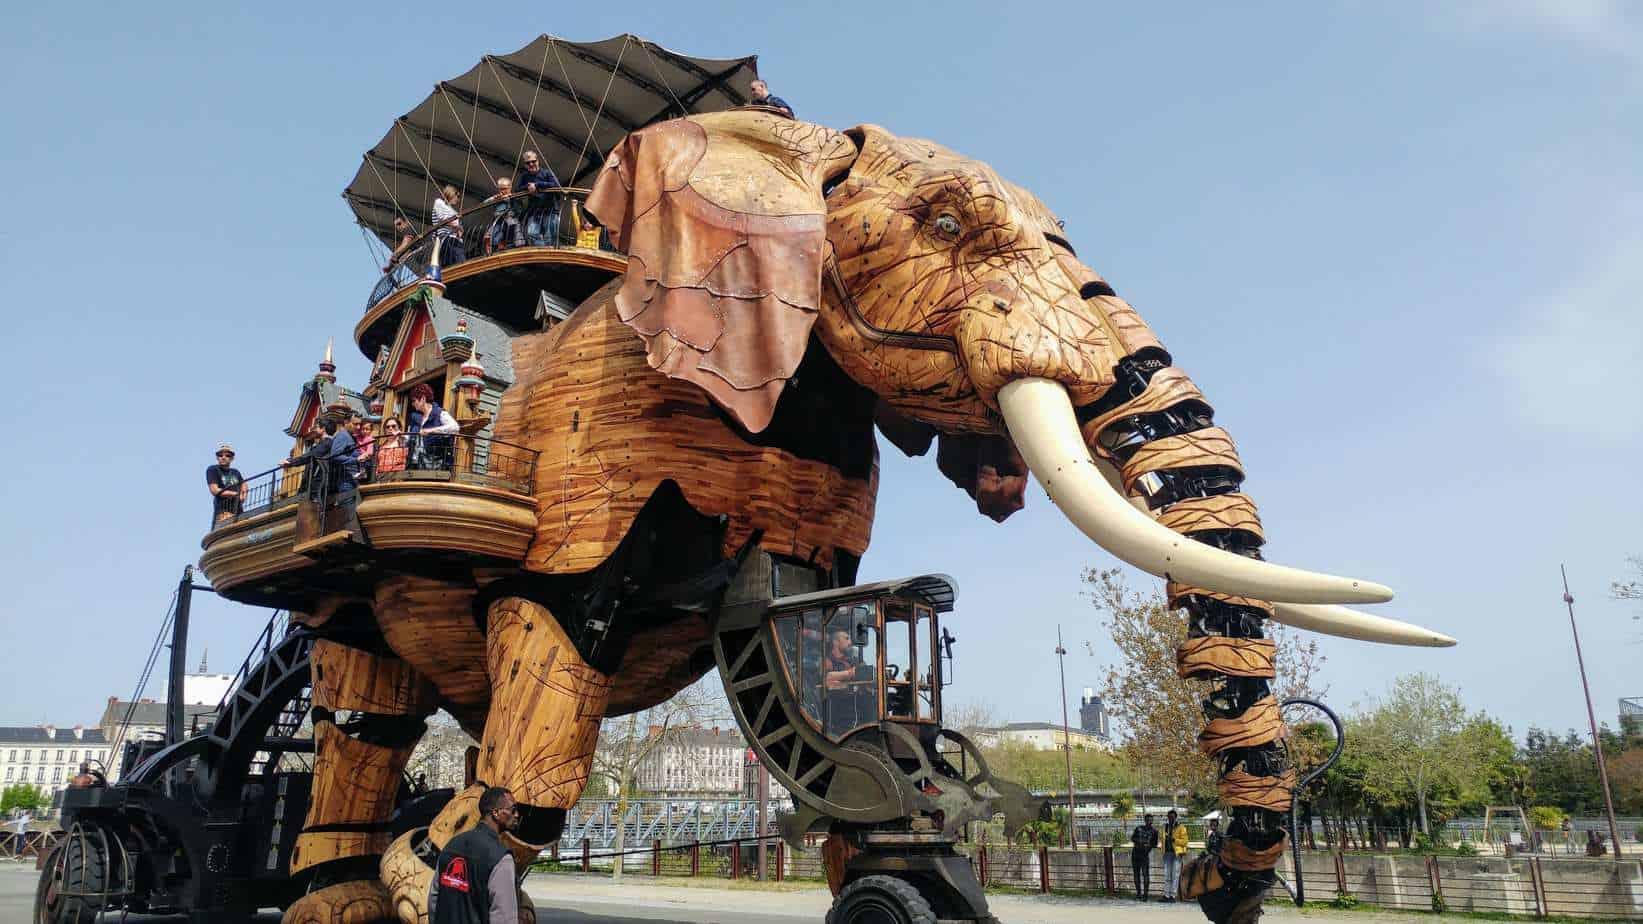 עמק הלואר עם ילדים - הפיל המכאני בנאנט Nantes